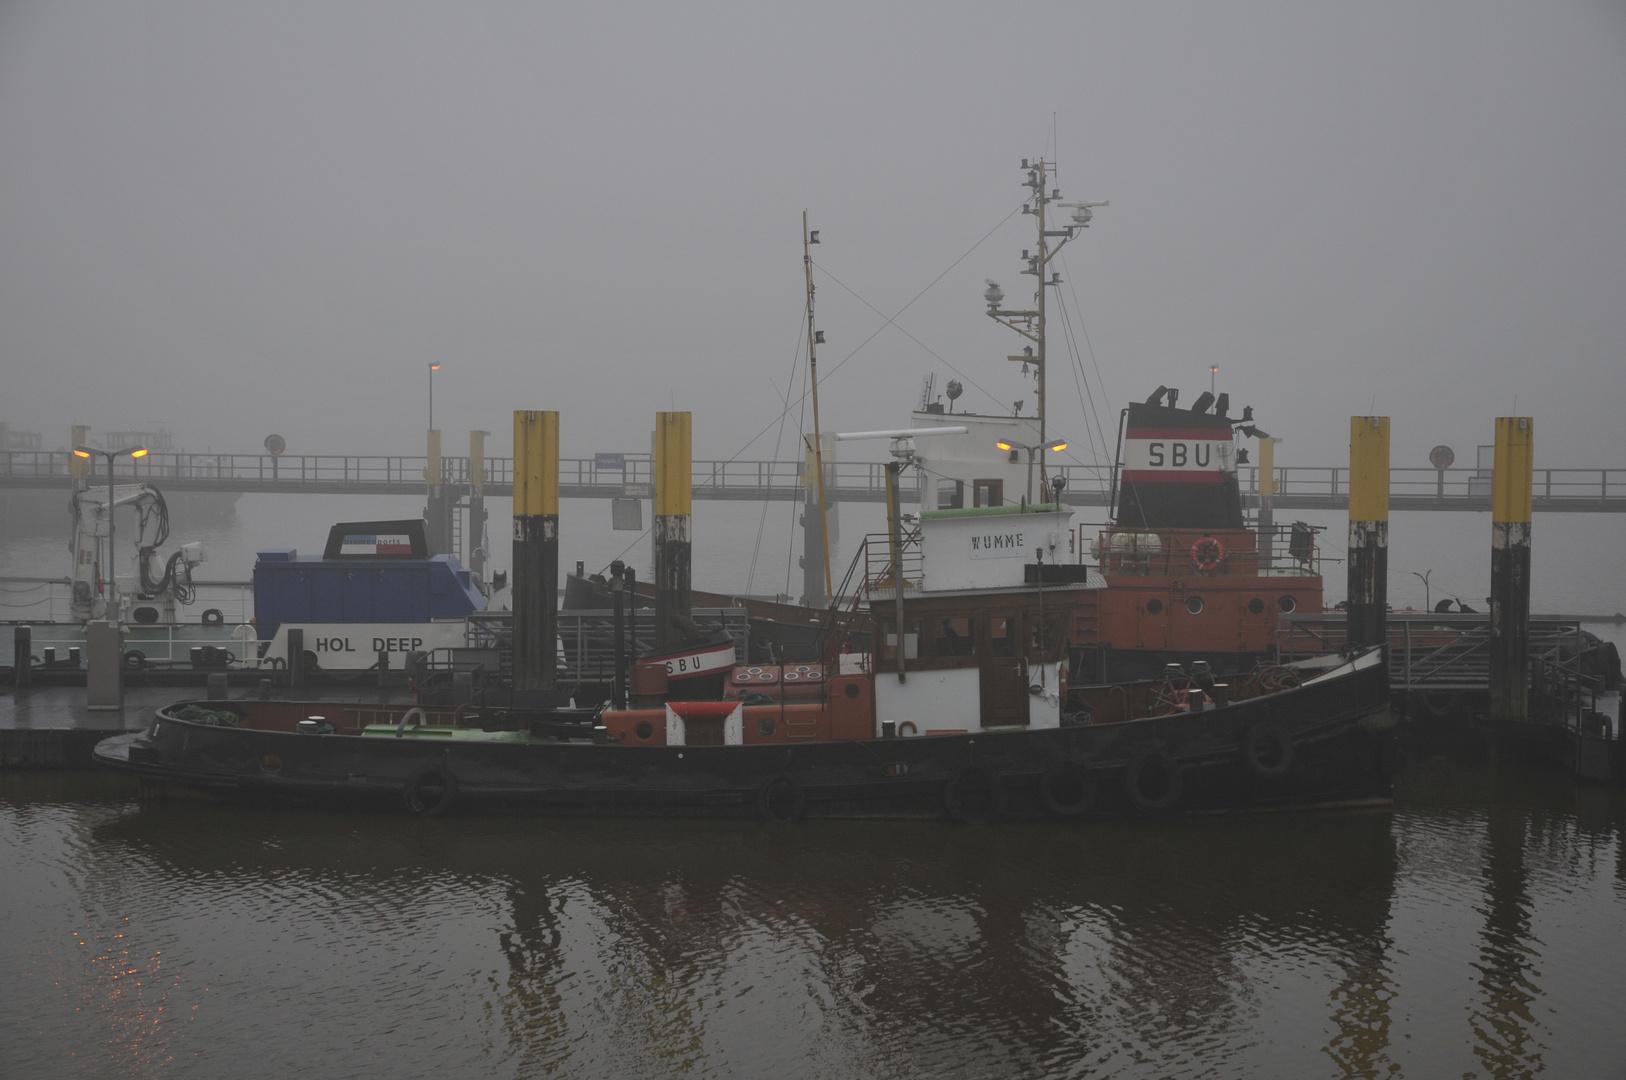 Nebel im Hafen...